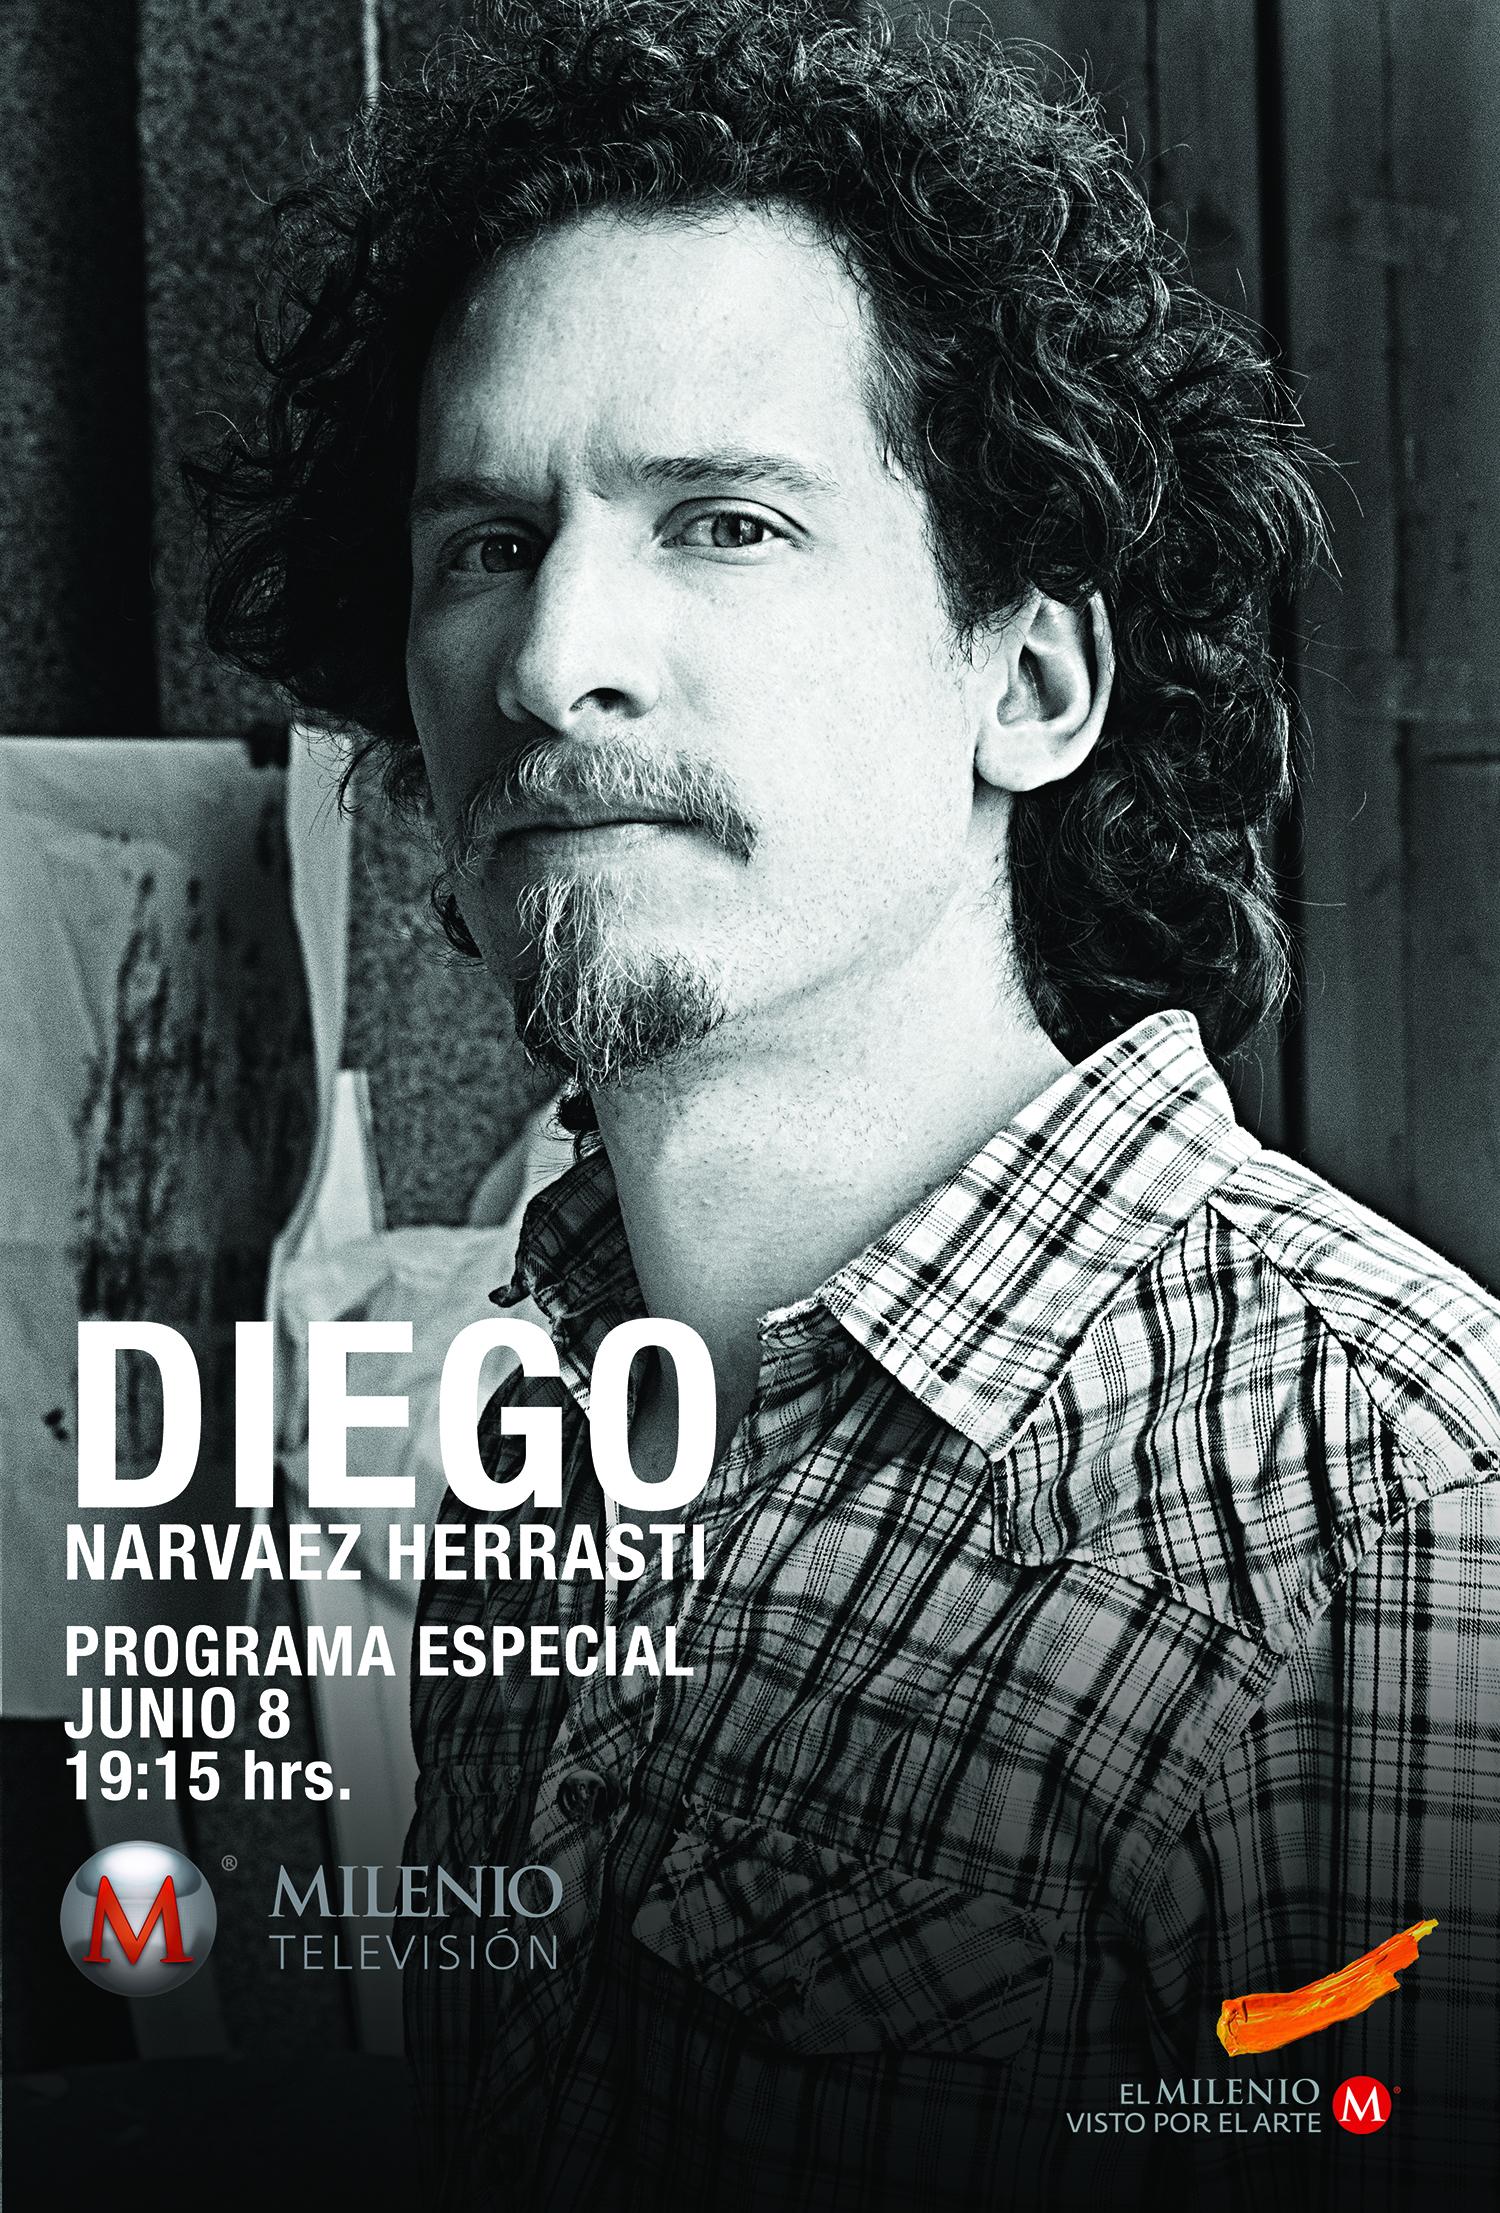 Interview/ Project | El Milenio Visto Por el Arte